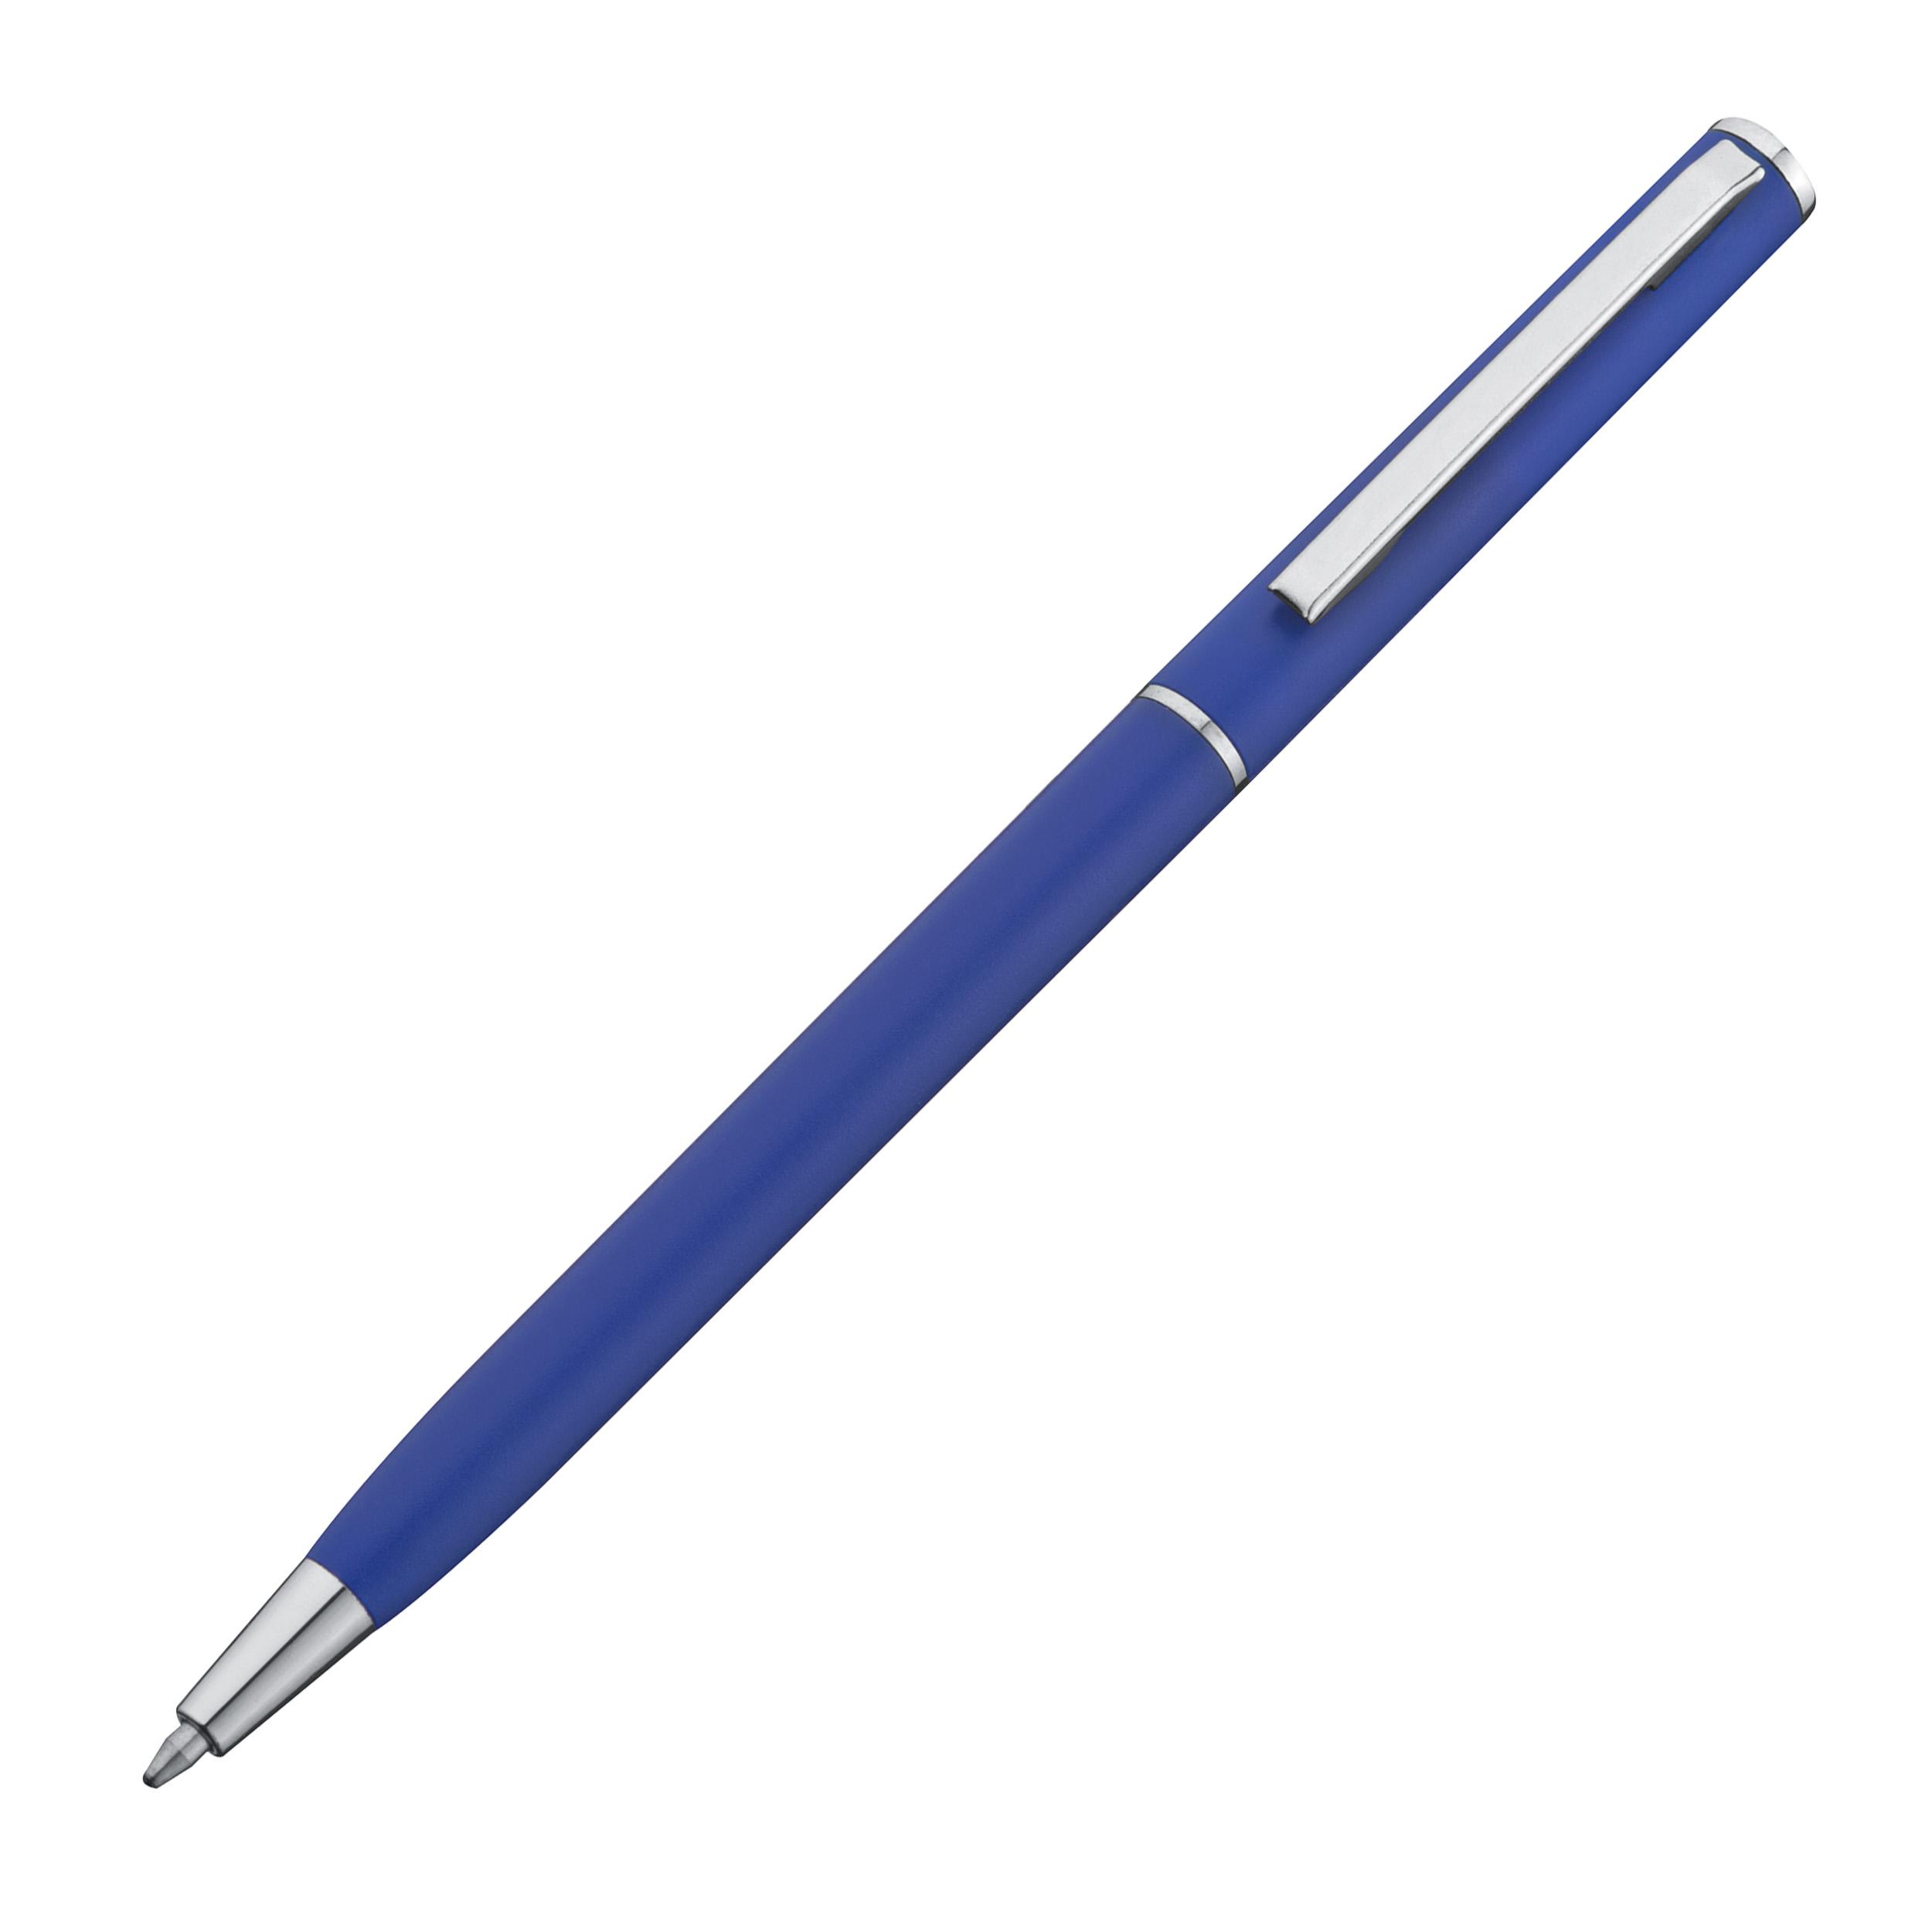 Kugelschreiber in schlanker Form